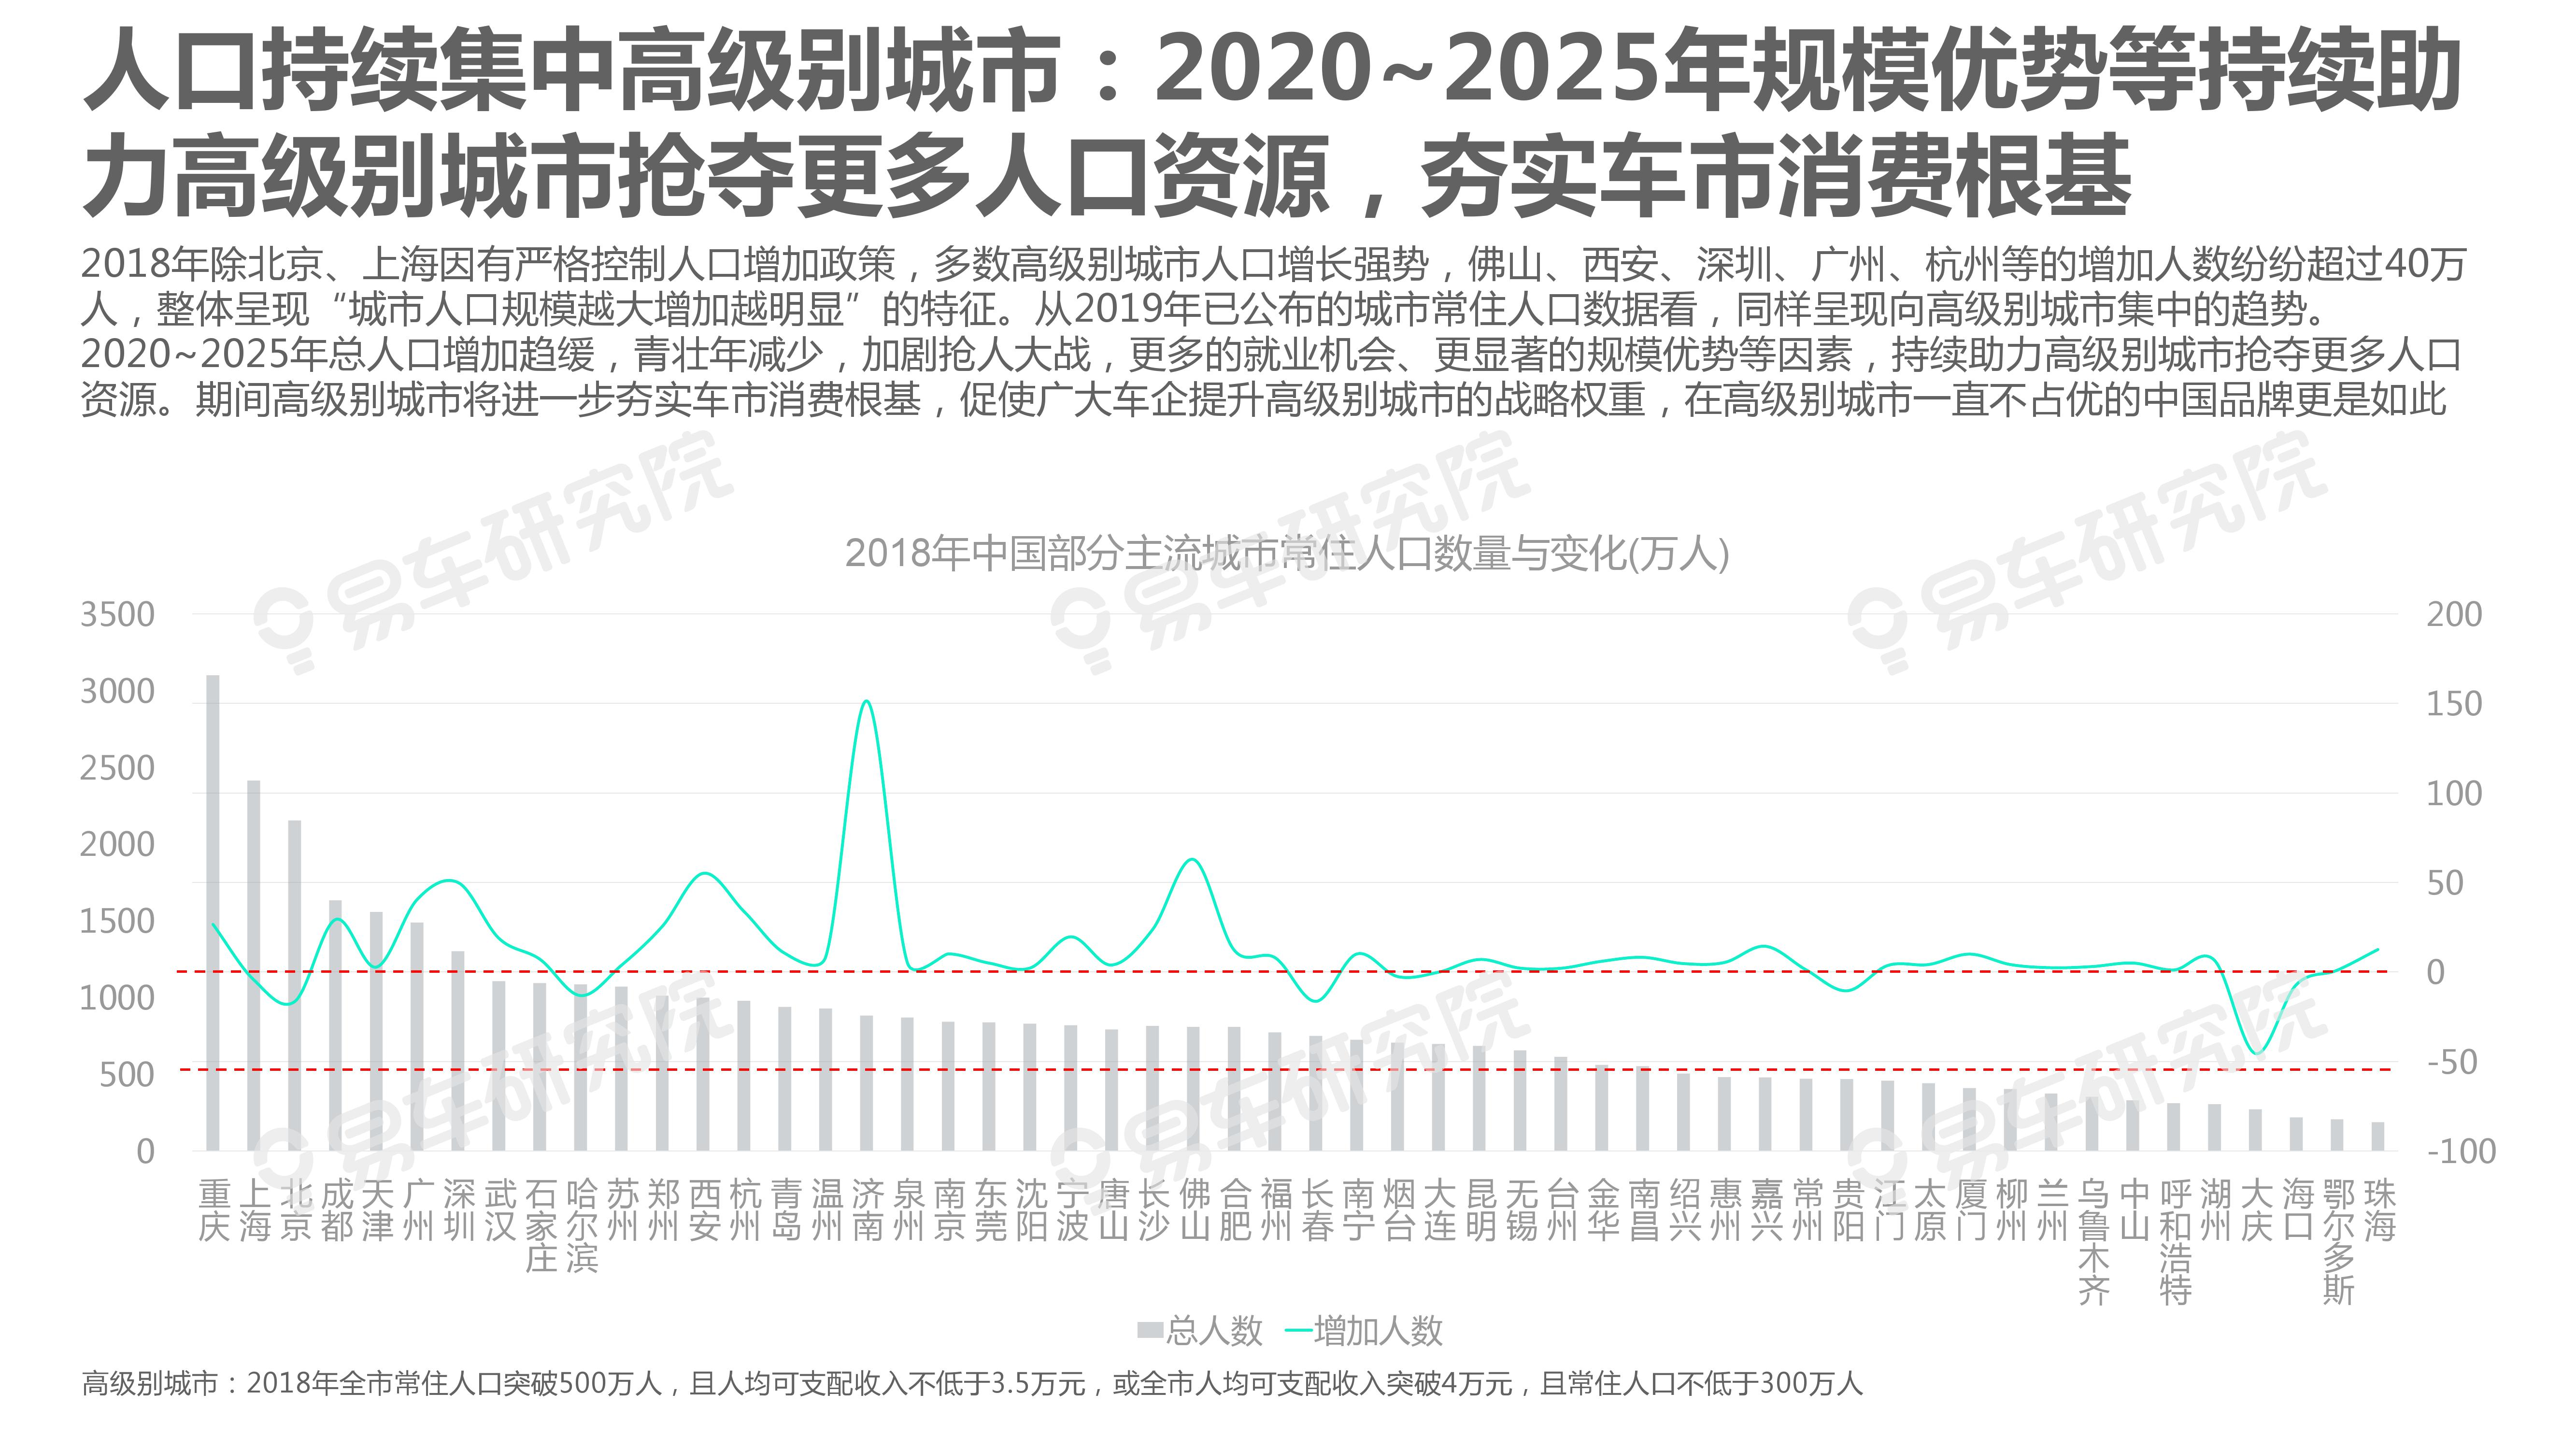 """2020-2025年城市:区域洞察报告—车企急需构建""""战略矩阵""""(可下载报告)插图(7)"""